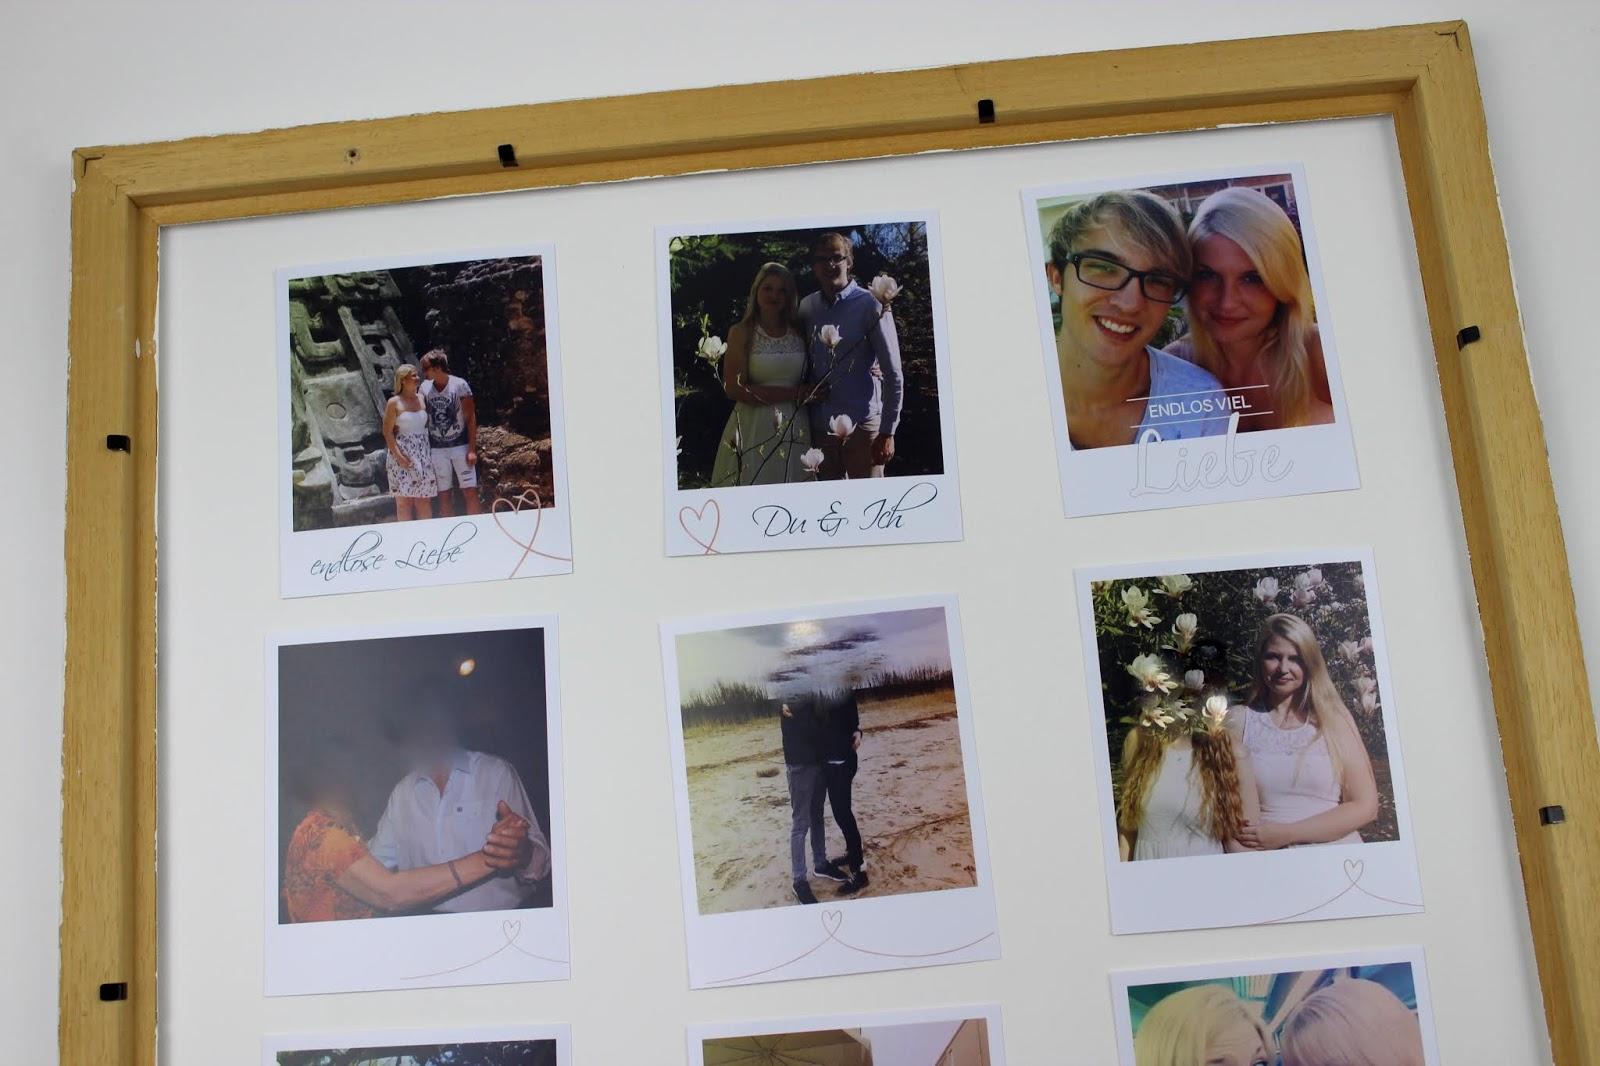 Diy Ausgefallener Bilderrahmen Mit Fotos Im Polaroid Stil Selber